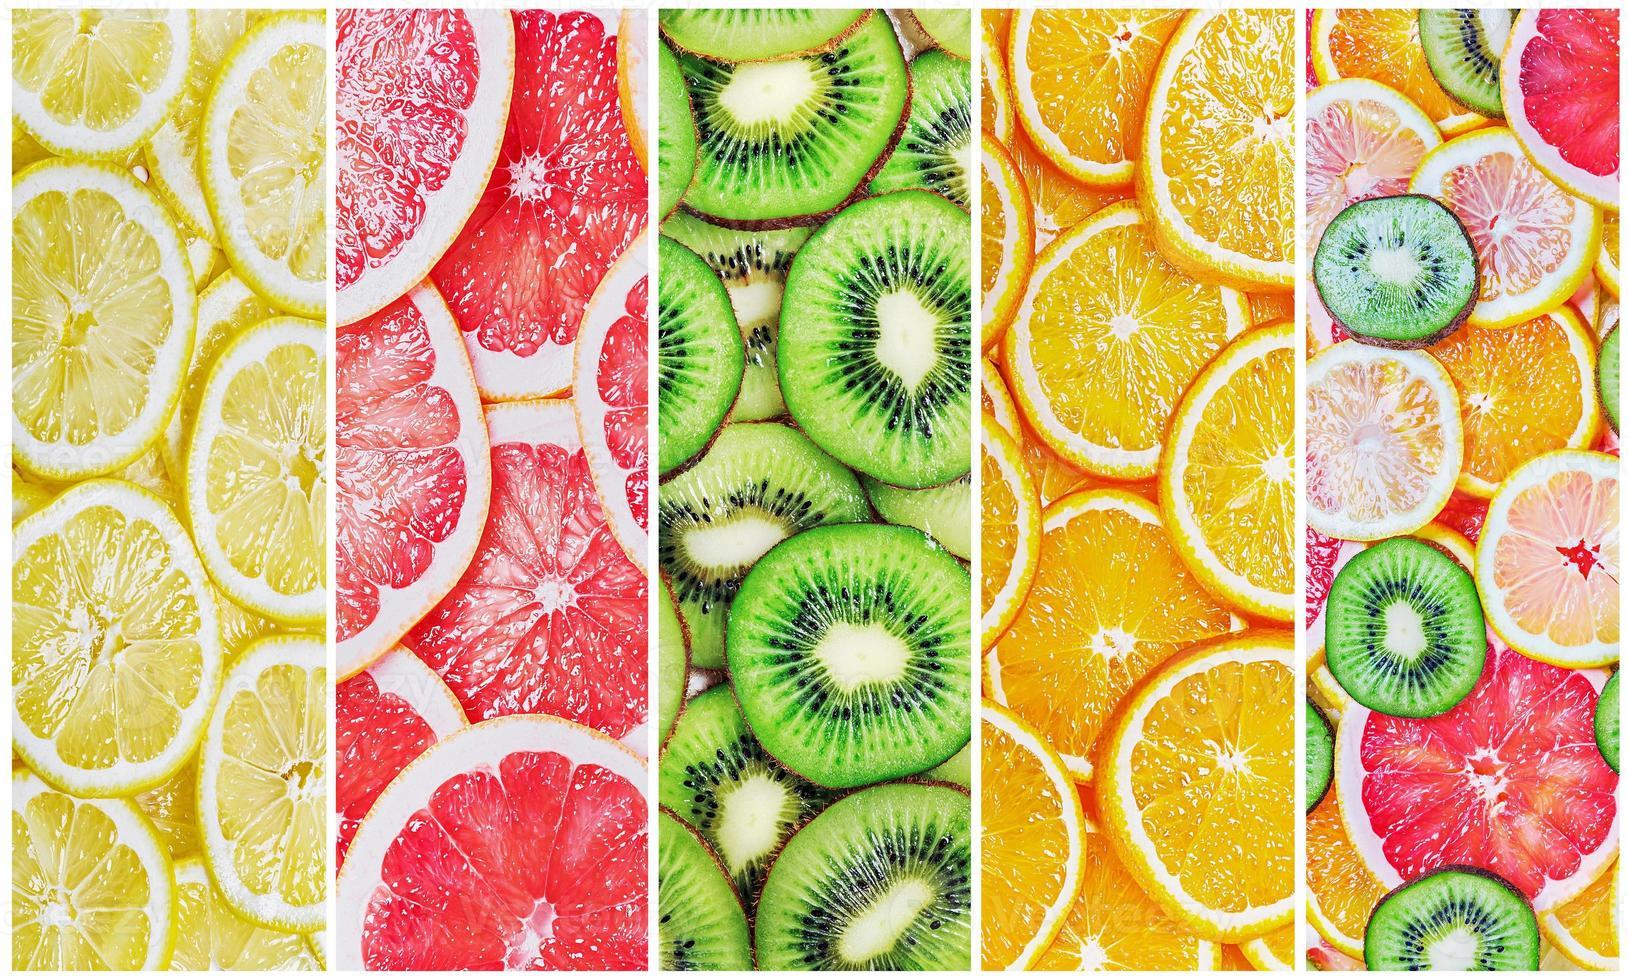 fatias de frutas cítricas frescas foto